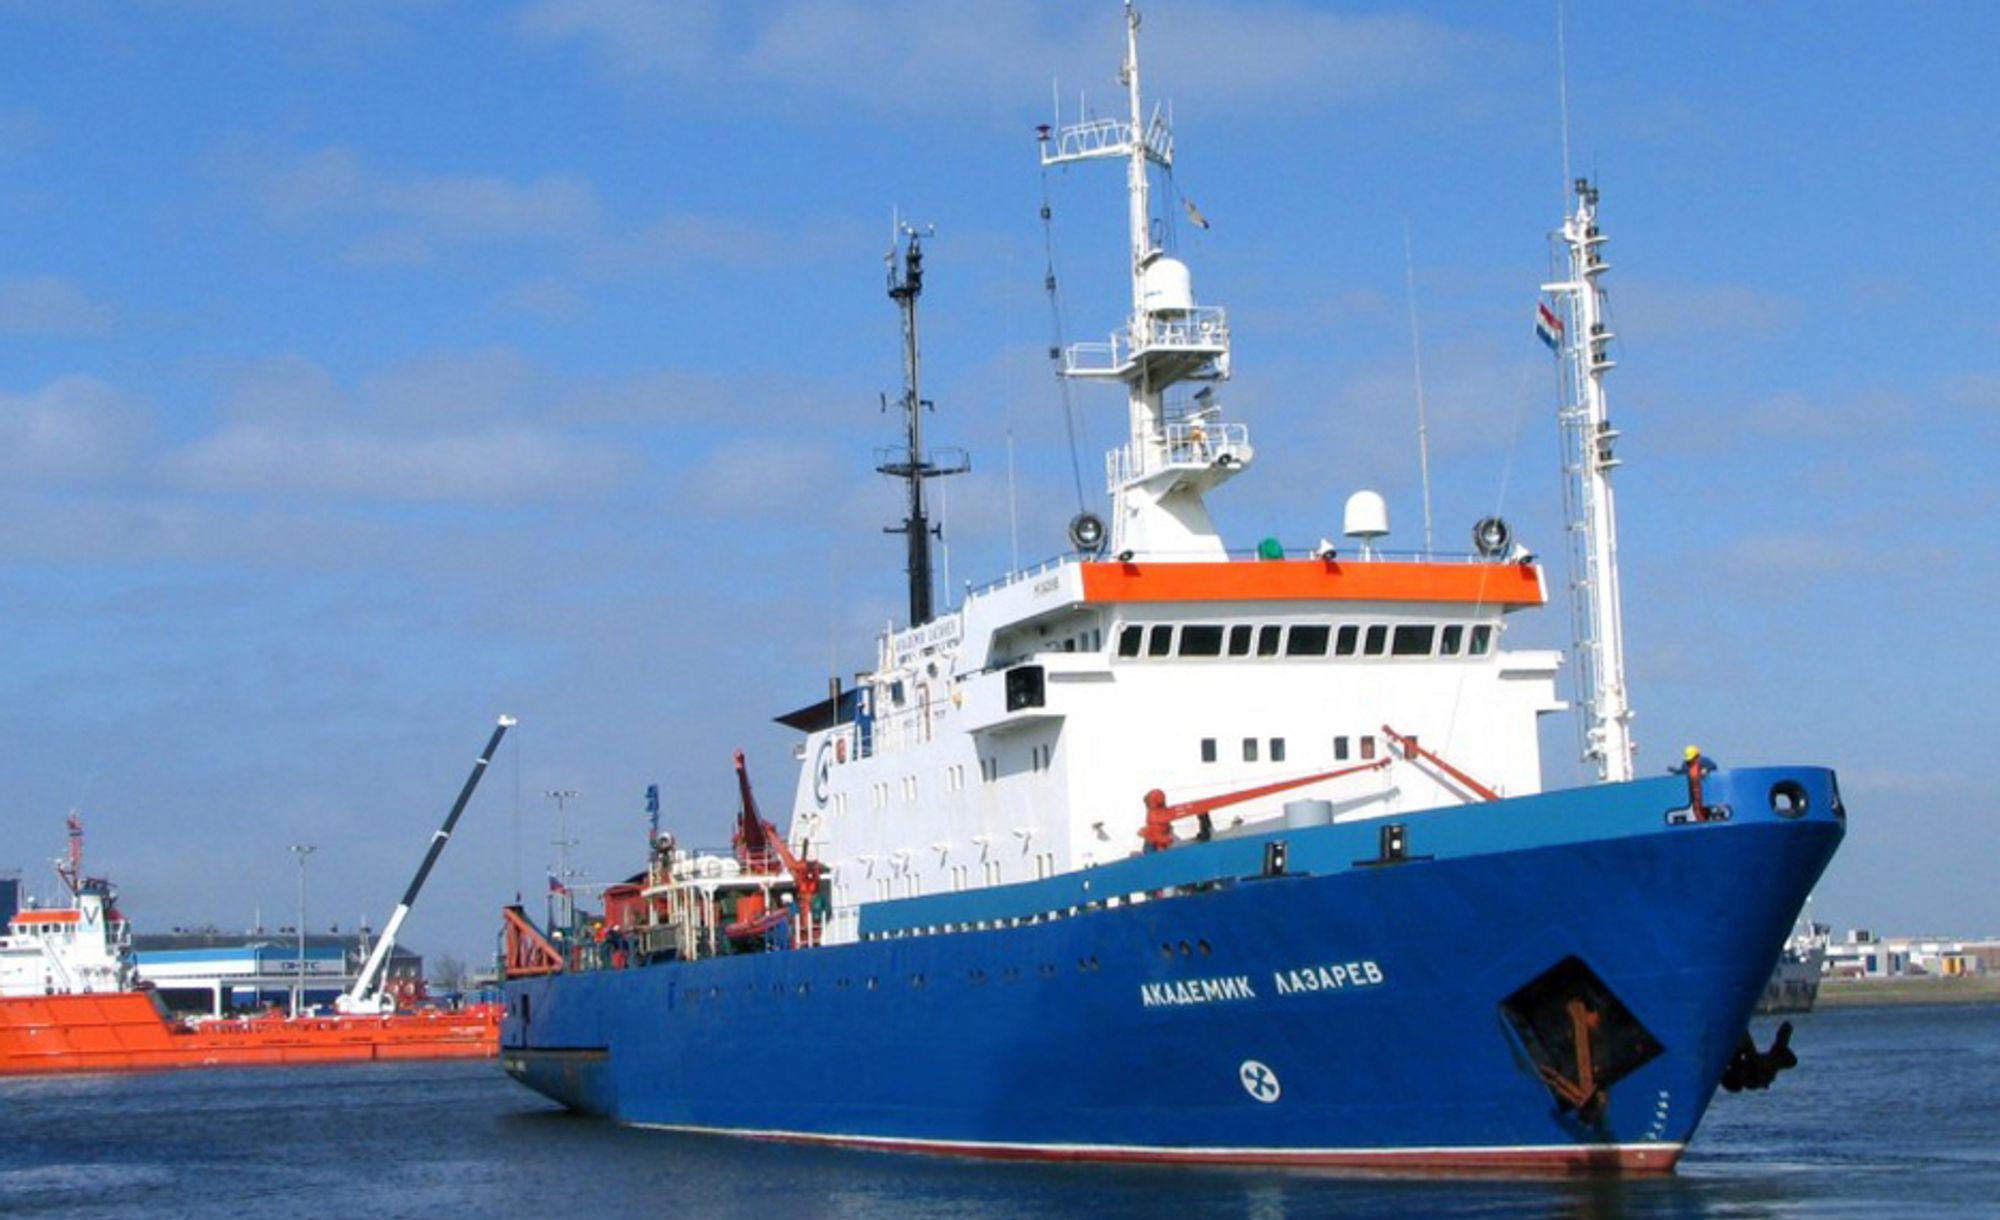 Det begynte å brenne i det russiske seismikkskipet Akademik Lazarev søndag kveld. Skipet eies av Sevmorneftegeofizika.